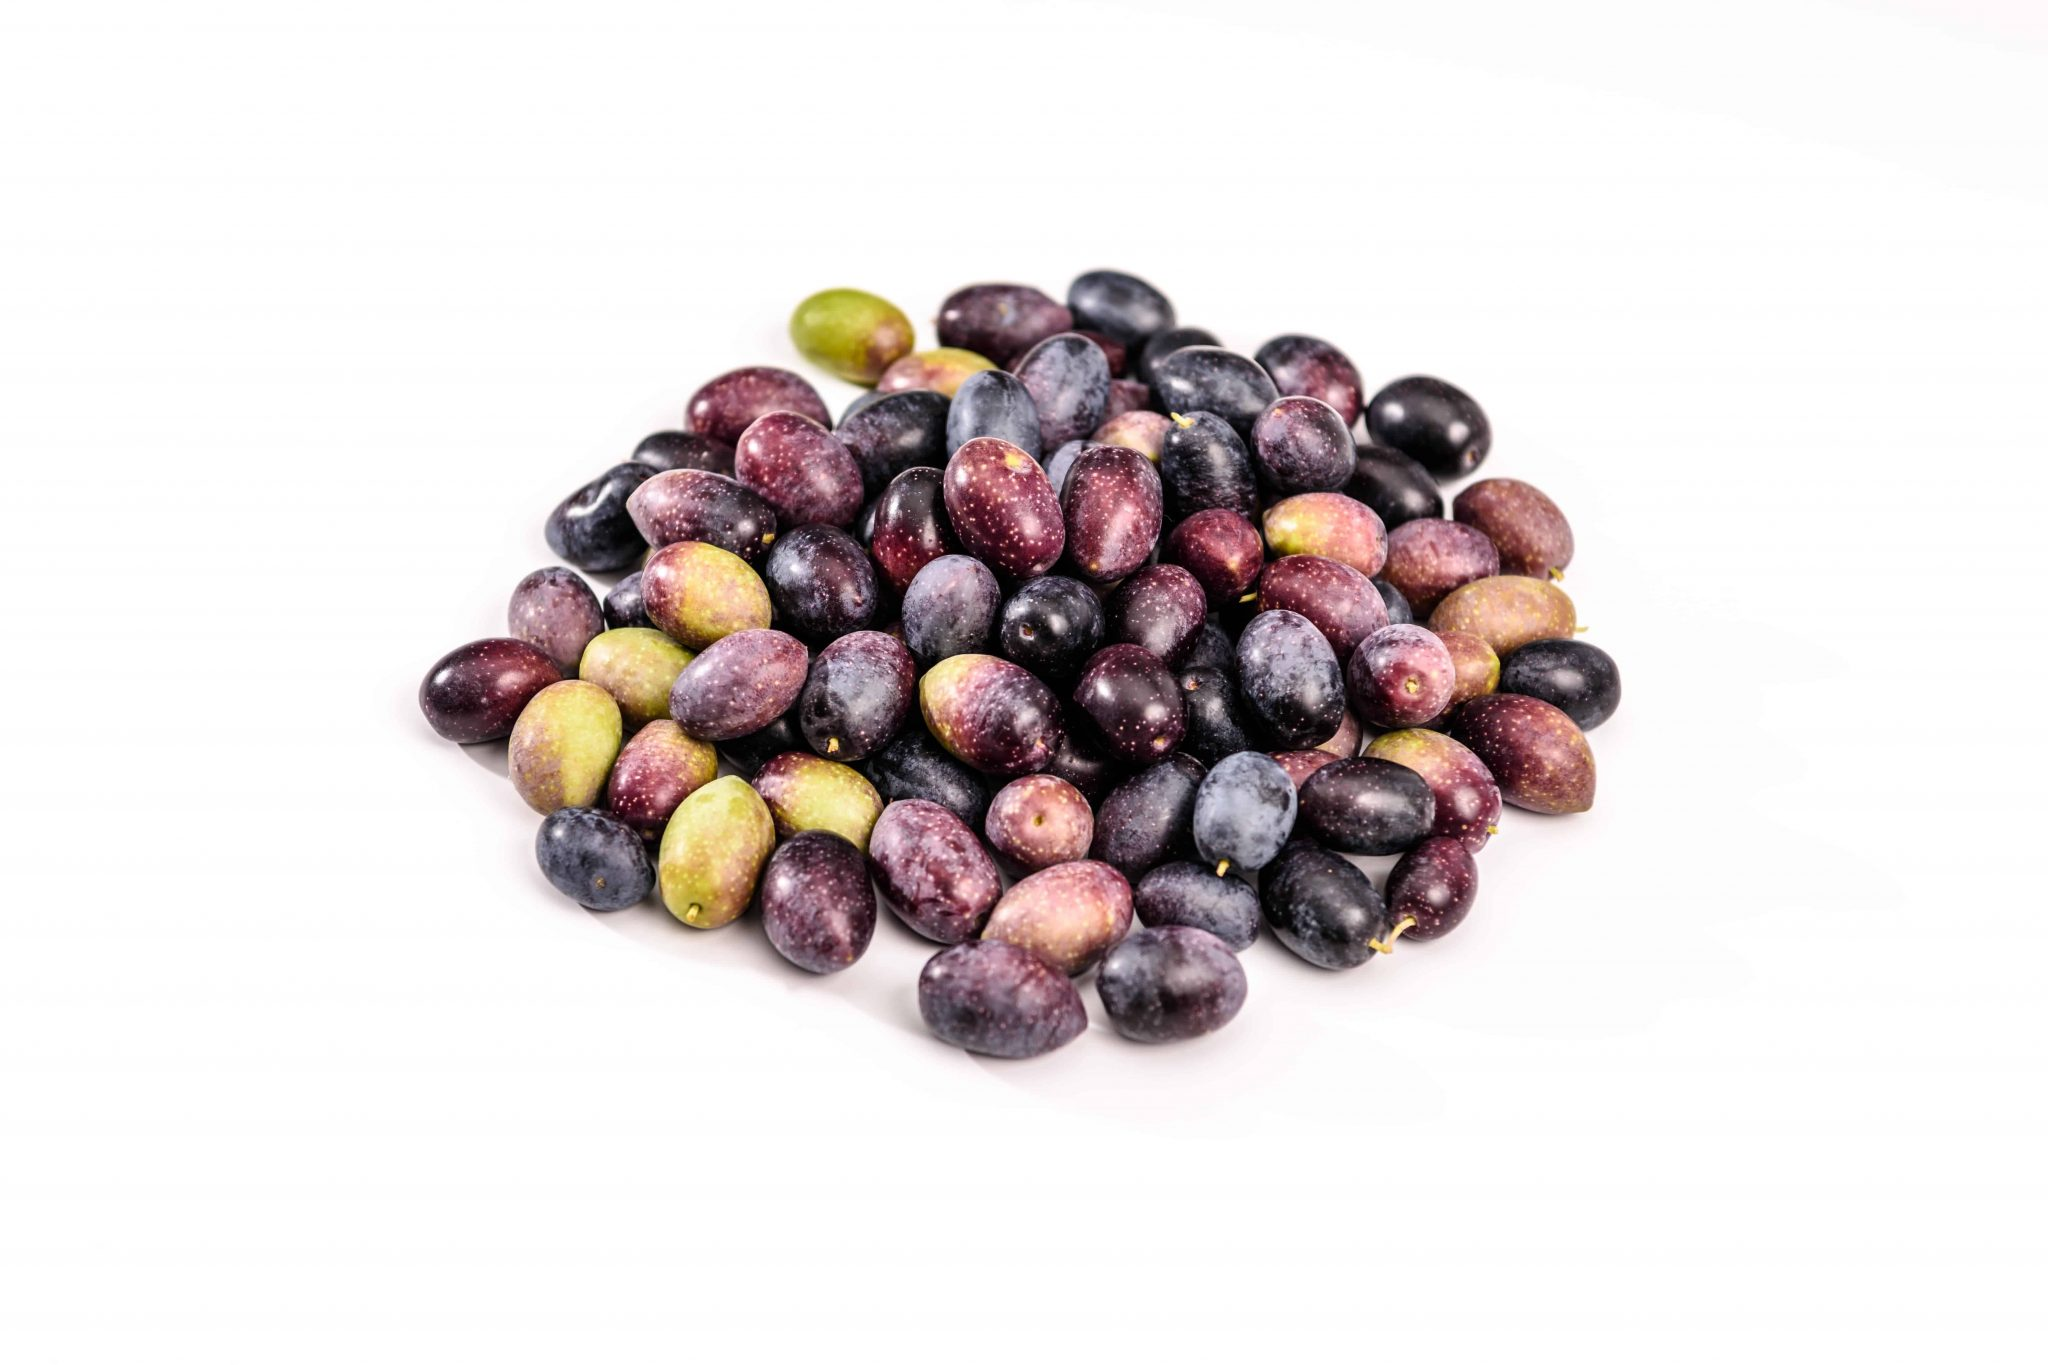 Zeytin ve zeytin yaprağının diyetteki yeri